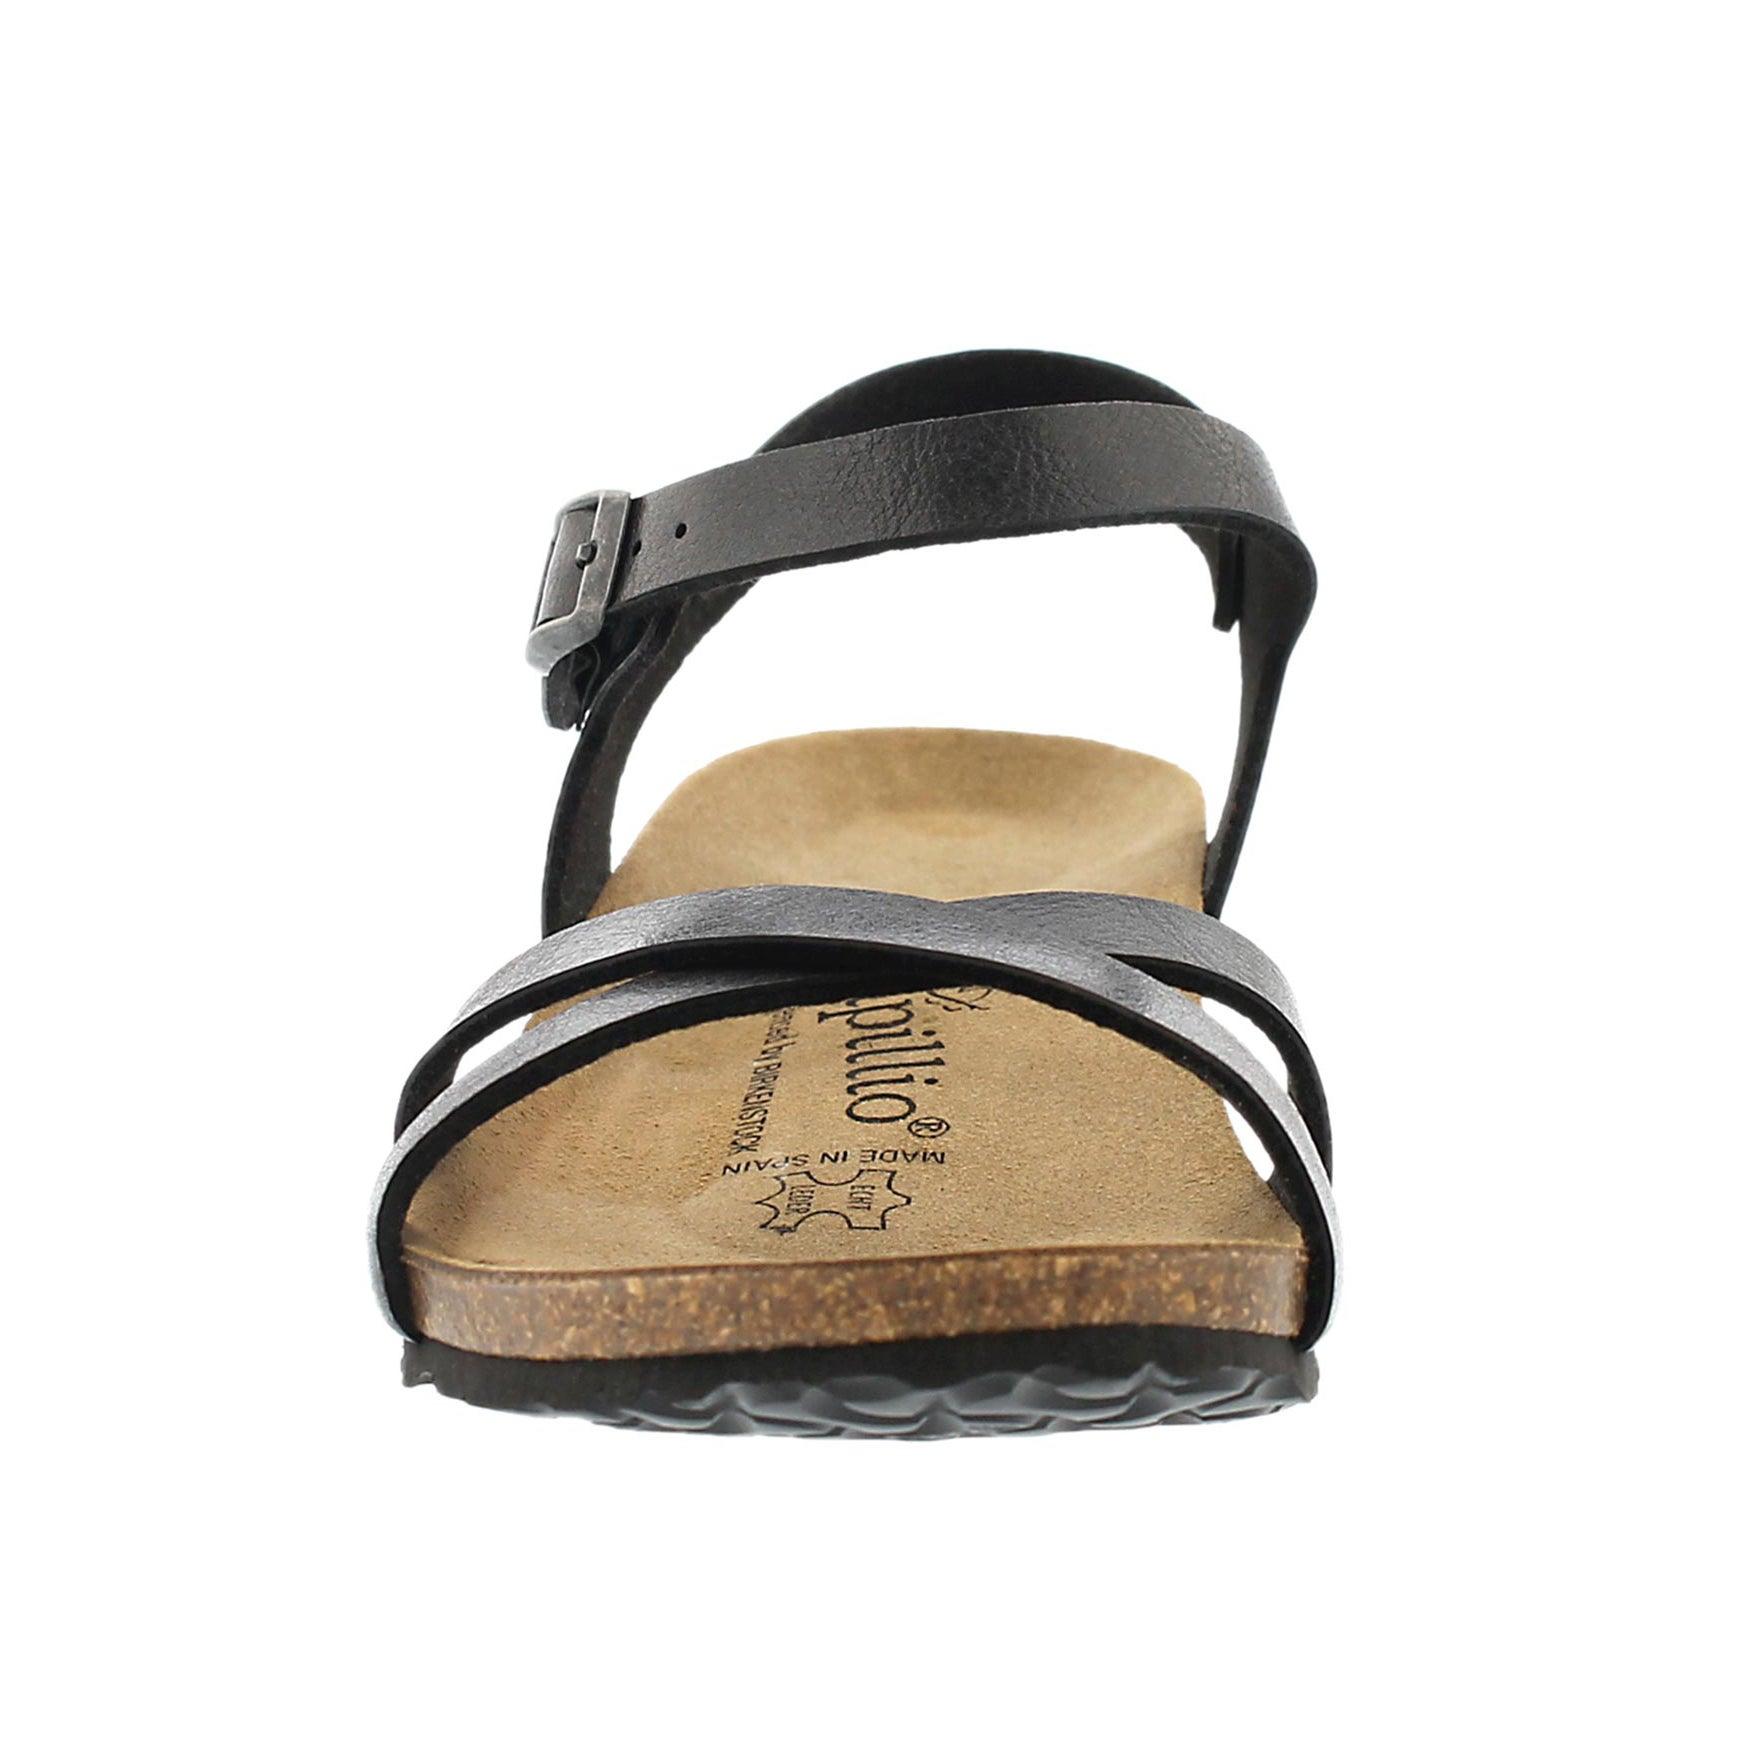 Lds Alyssa blk cork footbed sndl-Narro